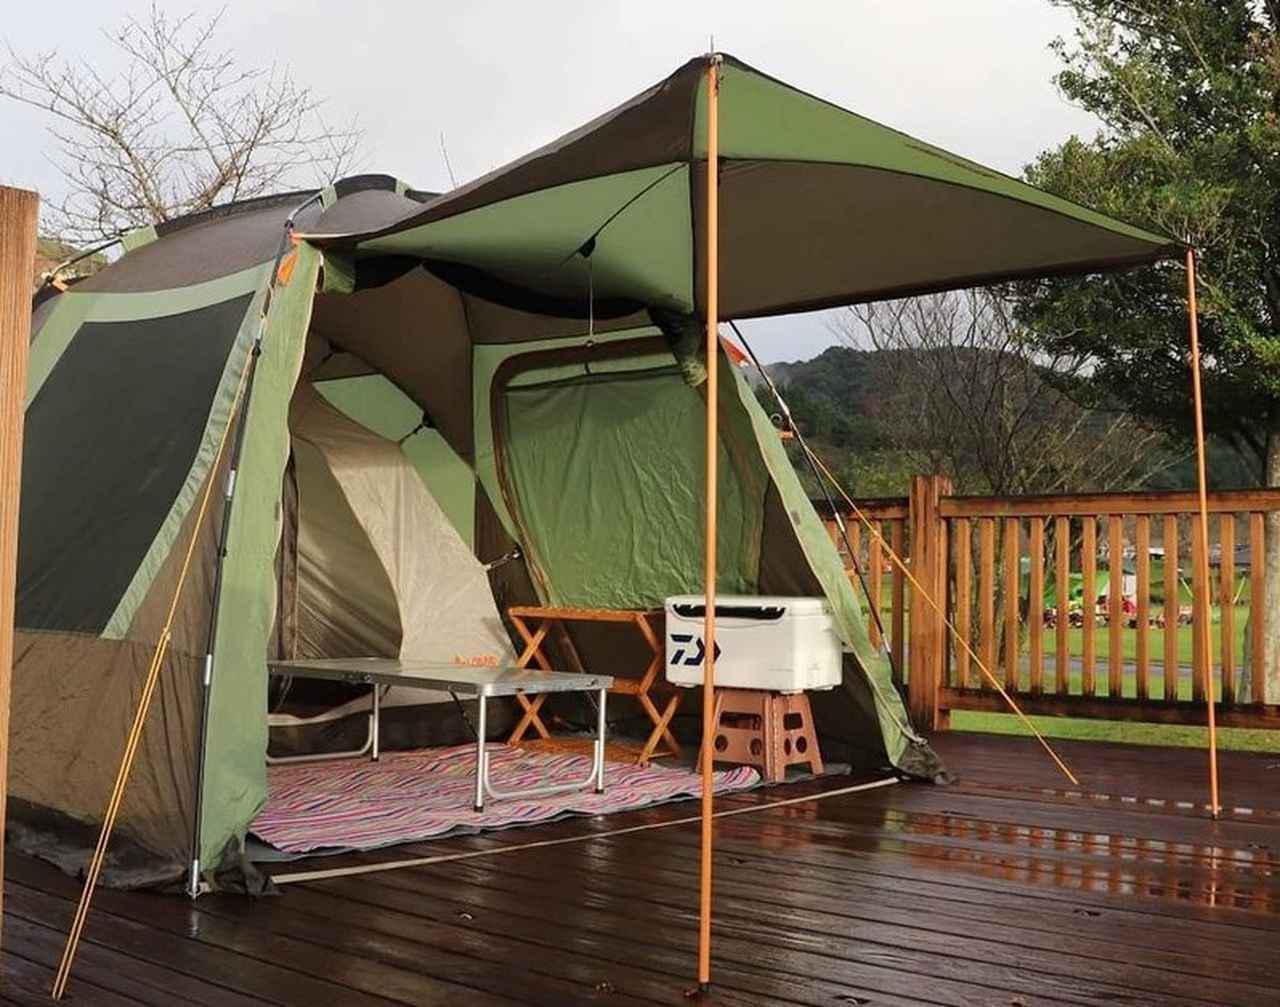 画像: 【まとめ】雨キャンプの楽しみ方&レインウェアや雨対策グッズを一挙ご紹介! - ハピキャン キャンプ・アウトドア情報メディア